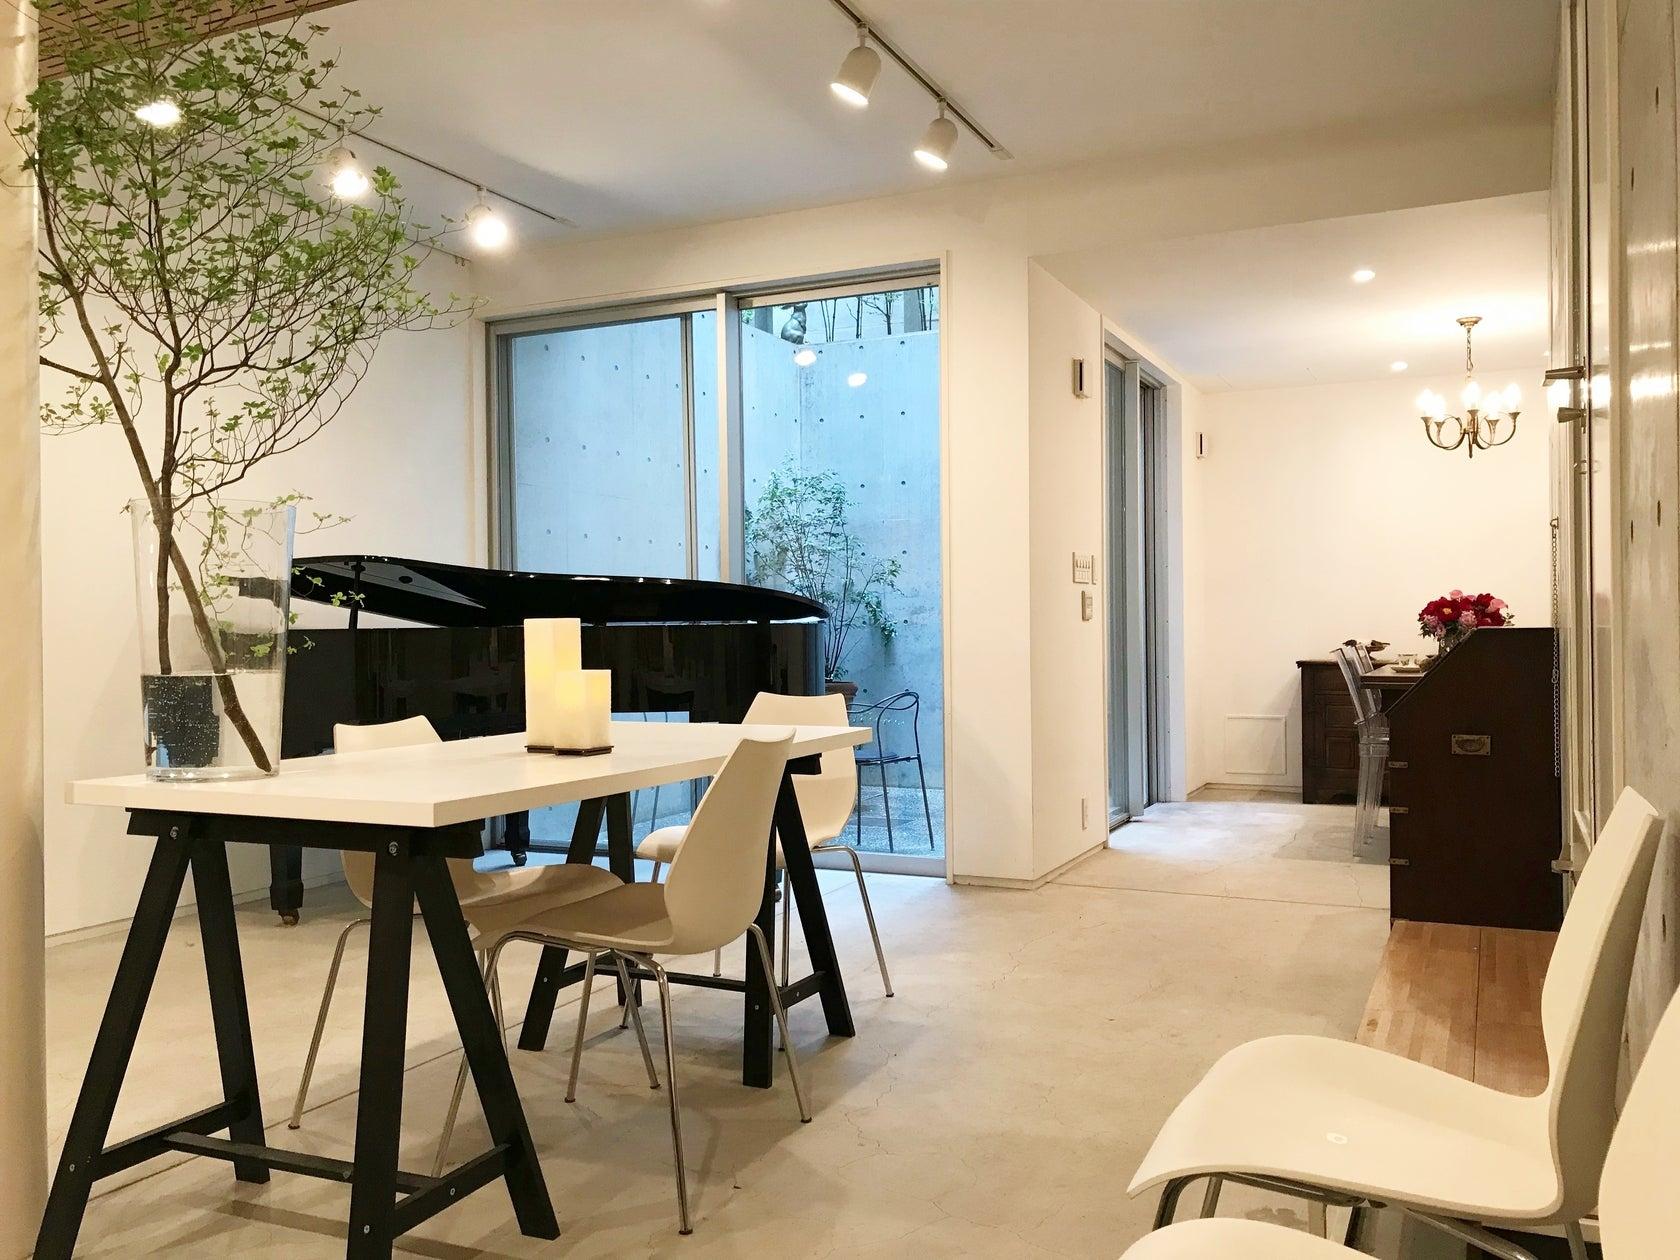 [代官山徒歩6分/駐車1台可]グランドピアノのある隠れ家的スペース。商用及び個人撮影・会議・楽器練習・女子会・子連れパーティー(サロット代官山) の写真0